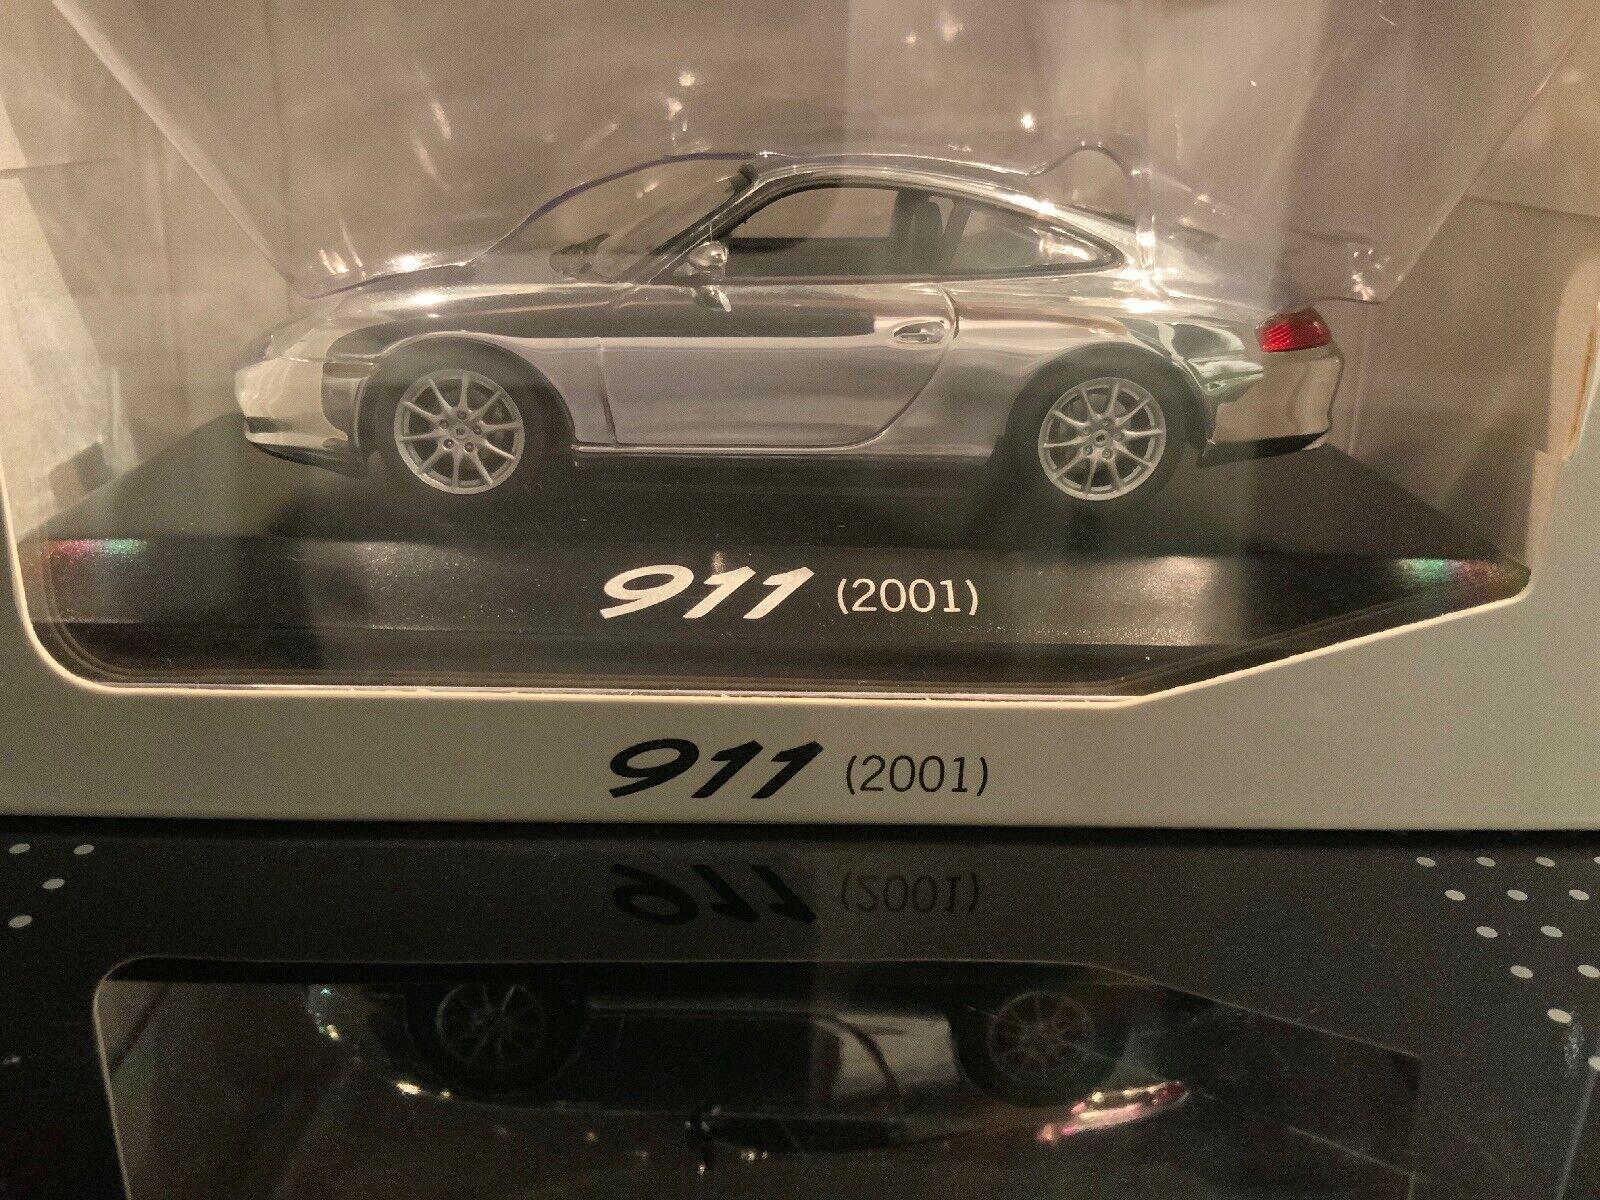 Porsche 911 (2001) Limited Edition 40 Ans 911 Minichamps 1 43 Nouveau neuf dans sa boîte